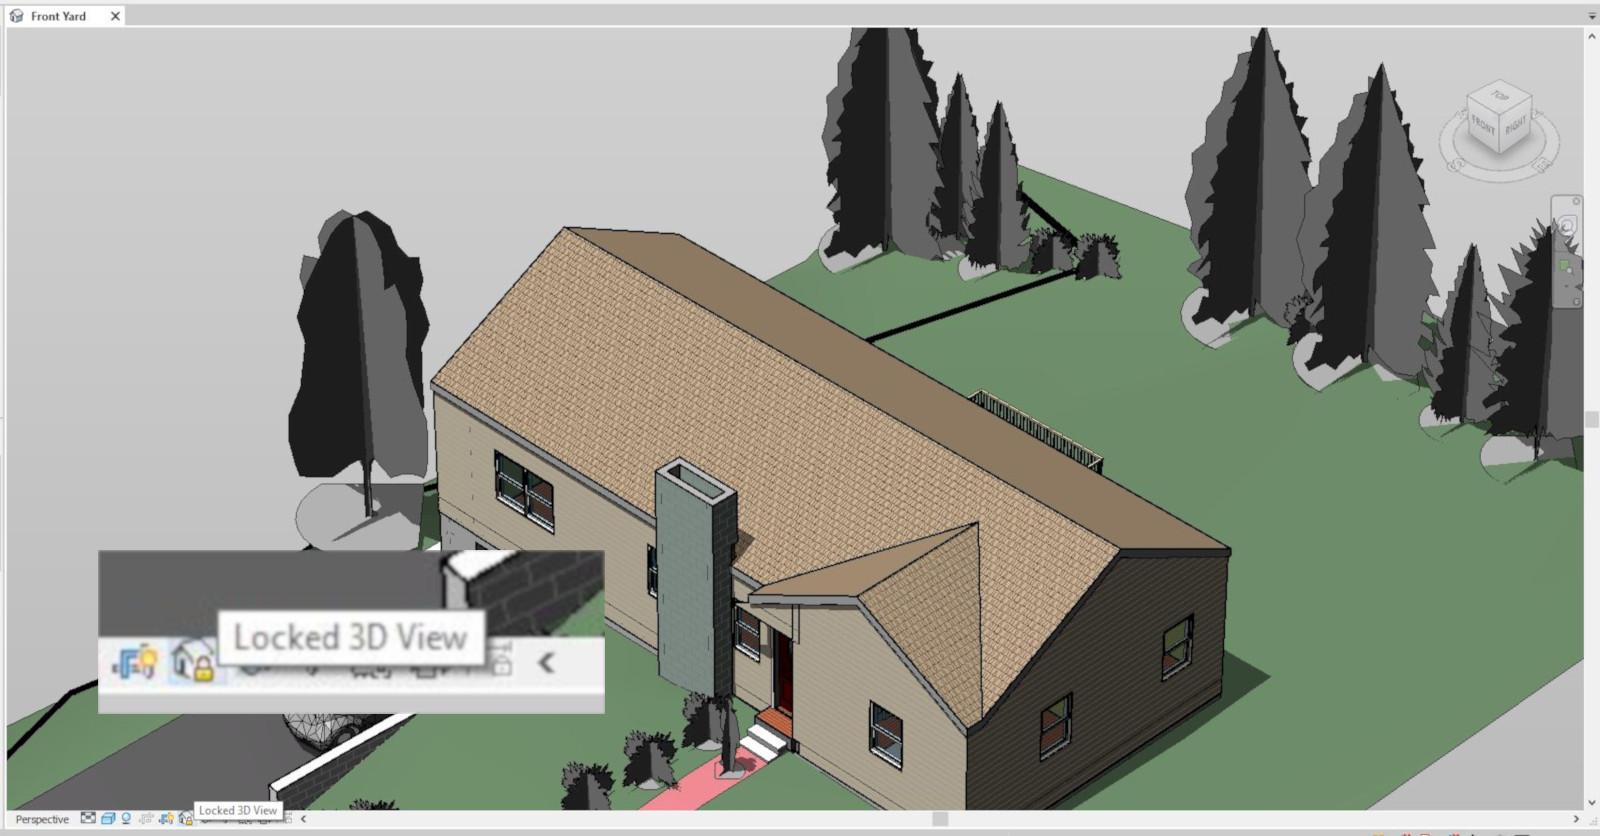 Revit - Jak zablokować widok 3D? - Tutorial, poradnik - Blog